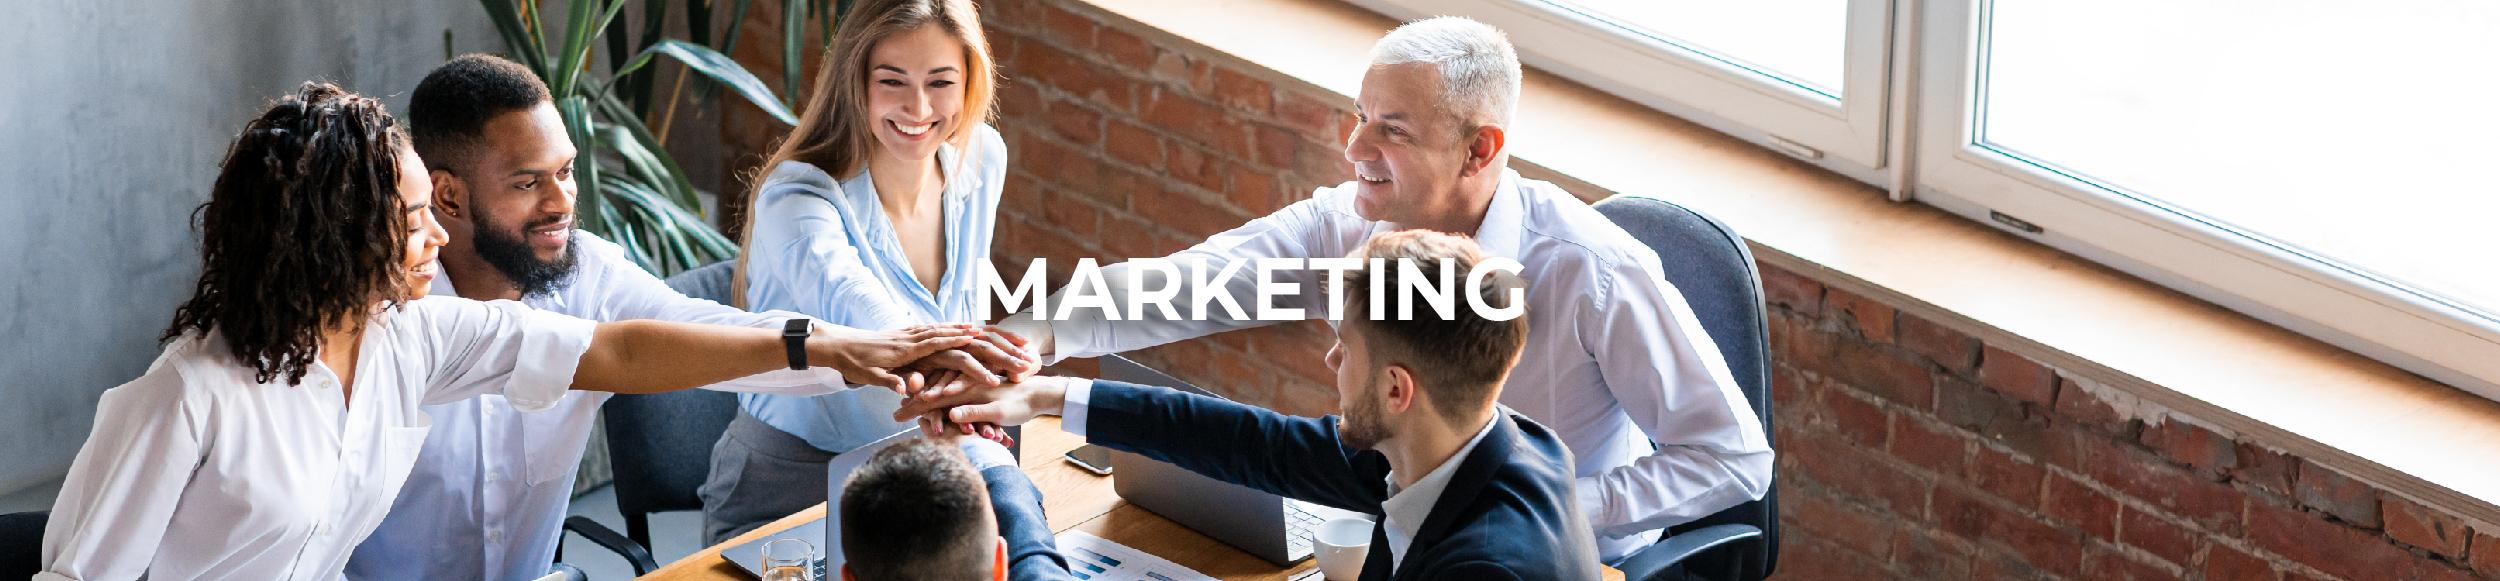 marketing e mercados